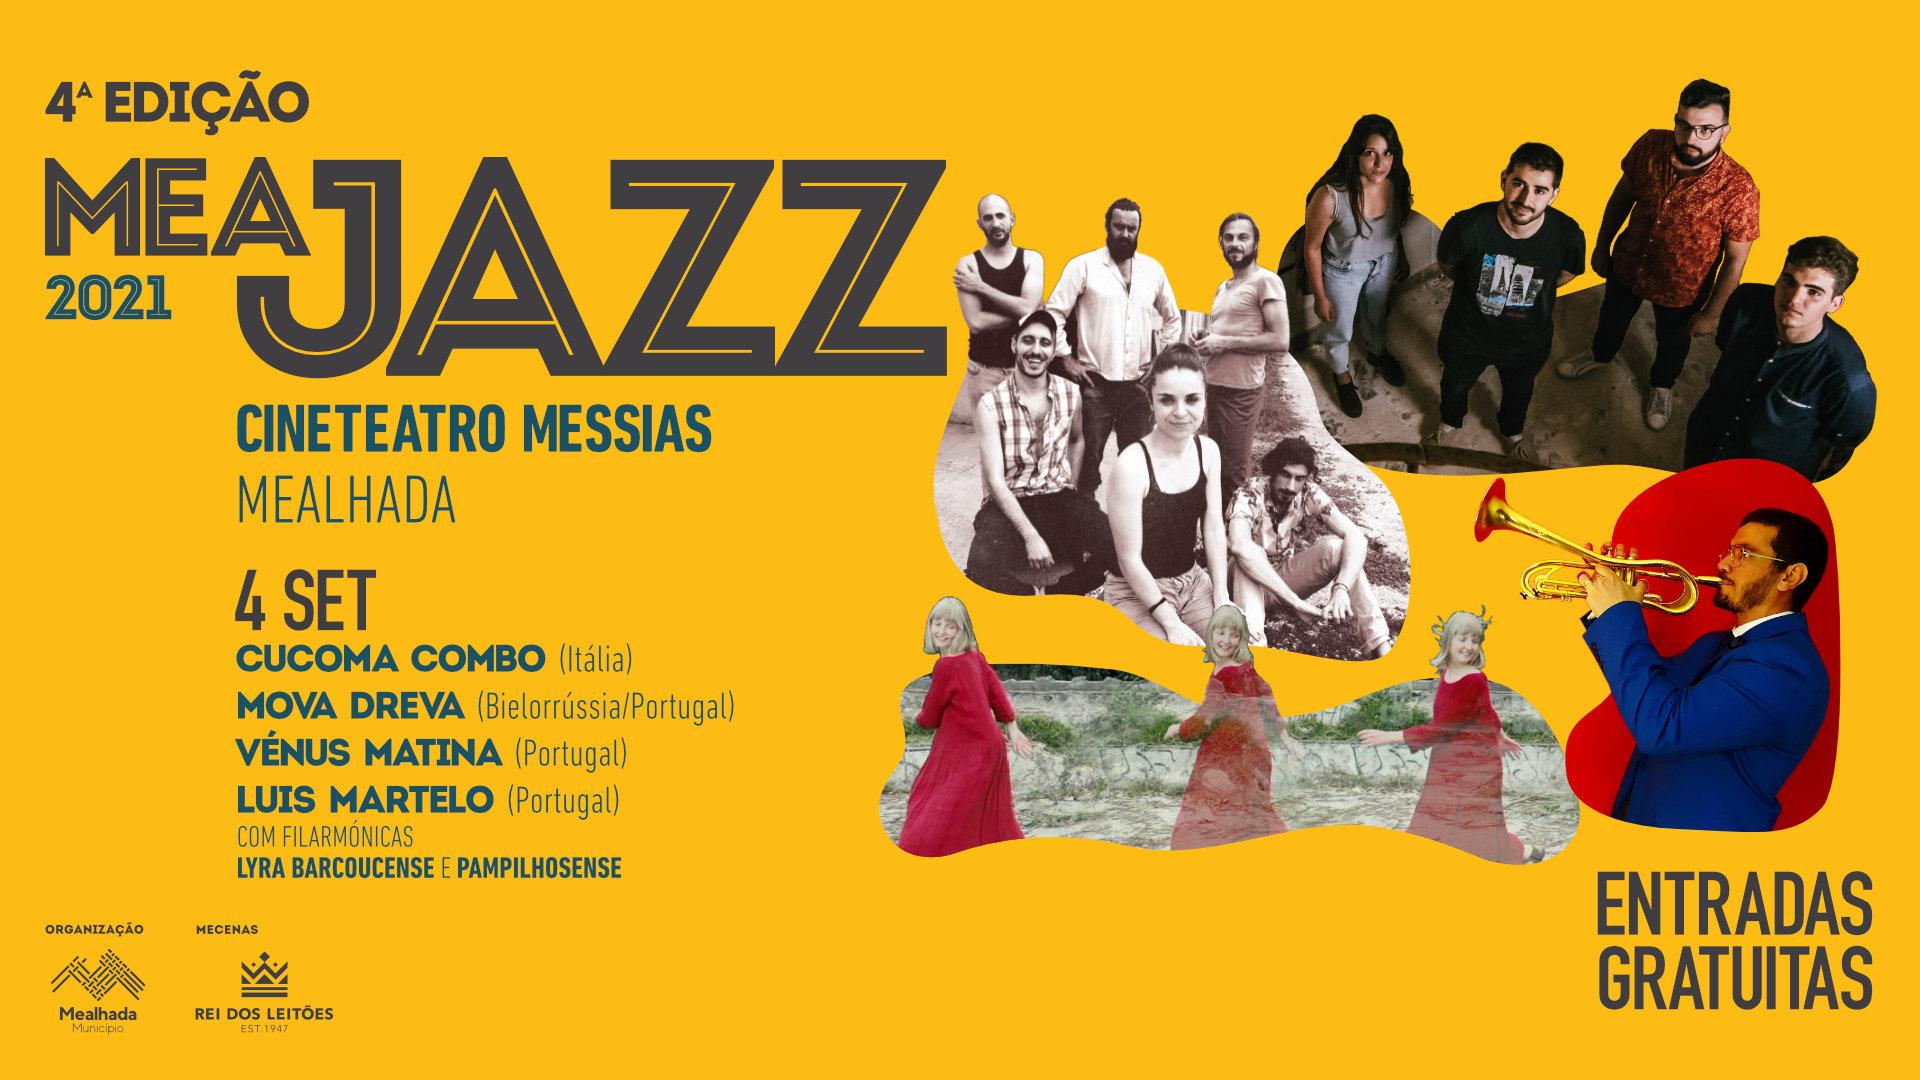 Meajazz - 4.ª edição: Luís Martelo (Portugal) com Filarmónicas Lyra Barcoucense e Pampilhosense